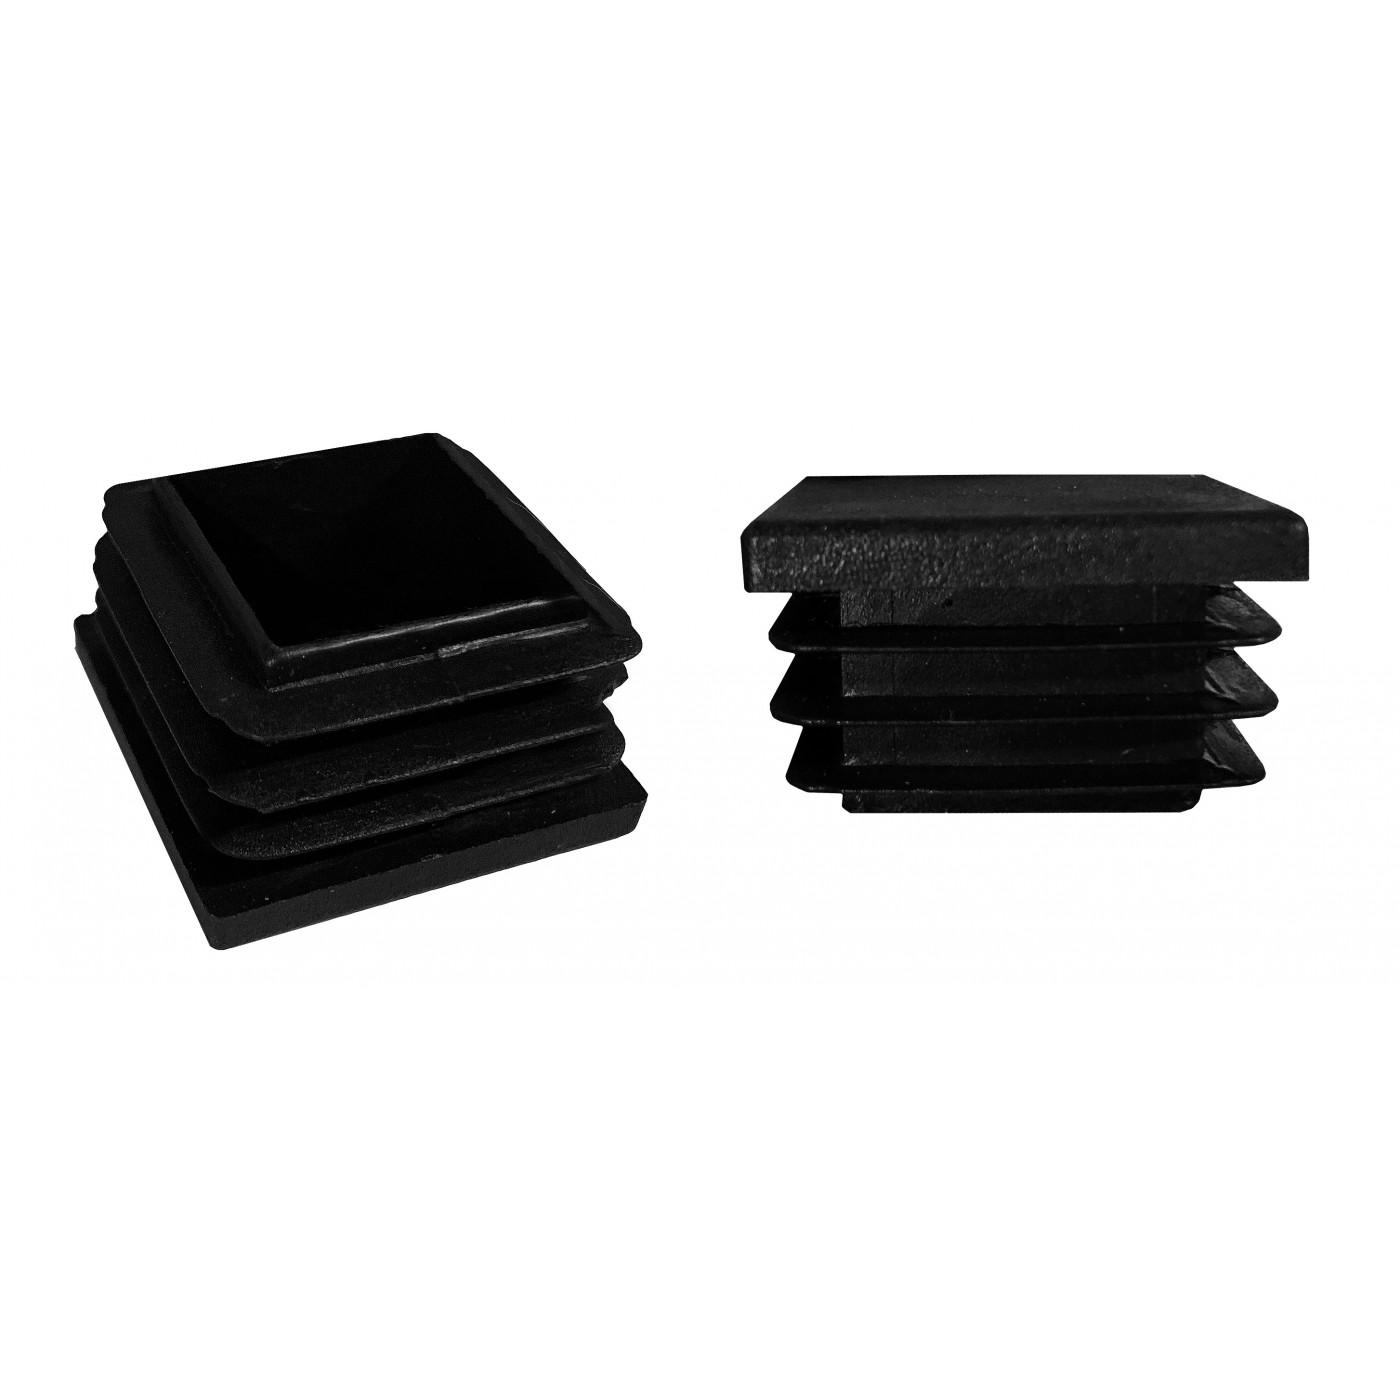 Ensemble de 50 embouts de fauteuil (F20/E29/D30, noir)  - 1